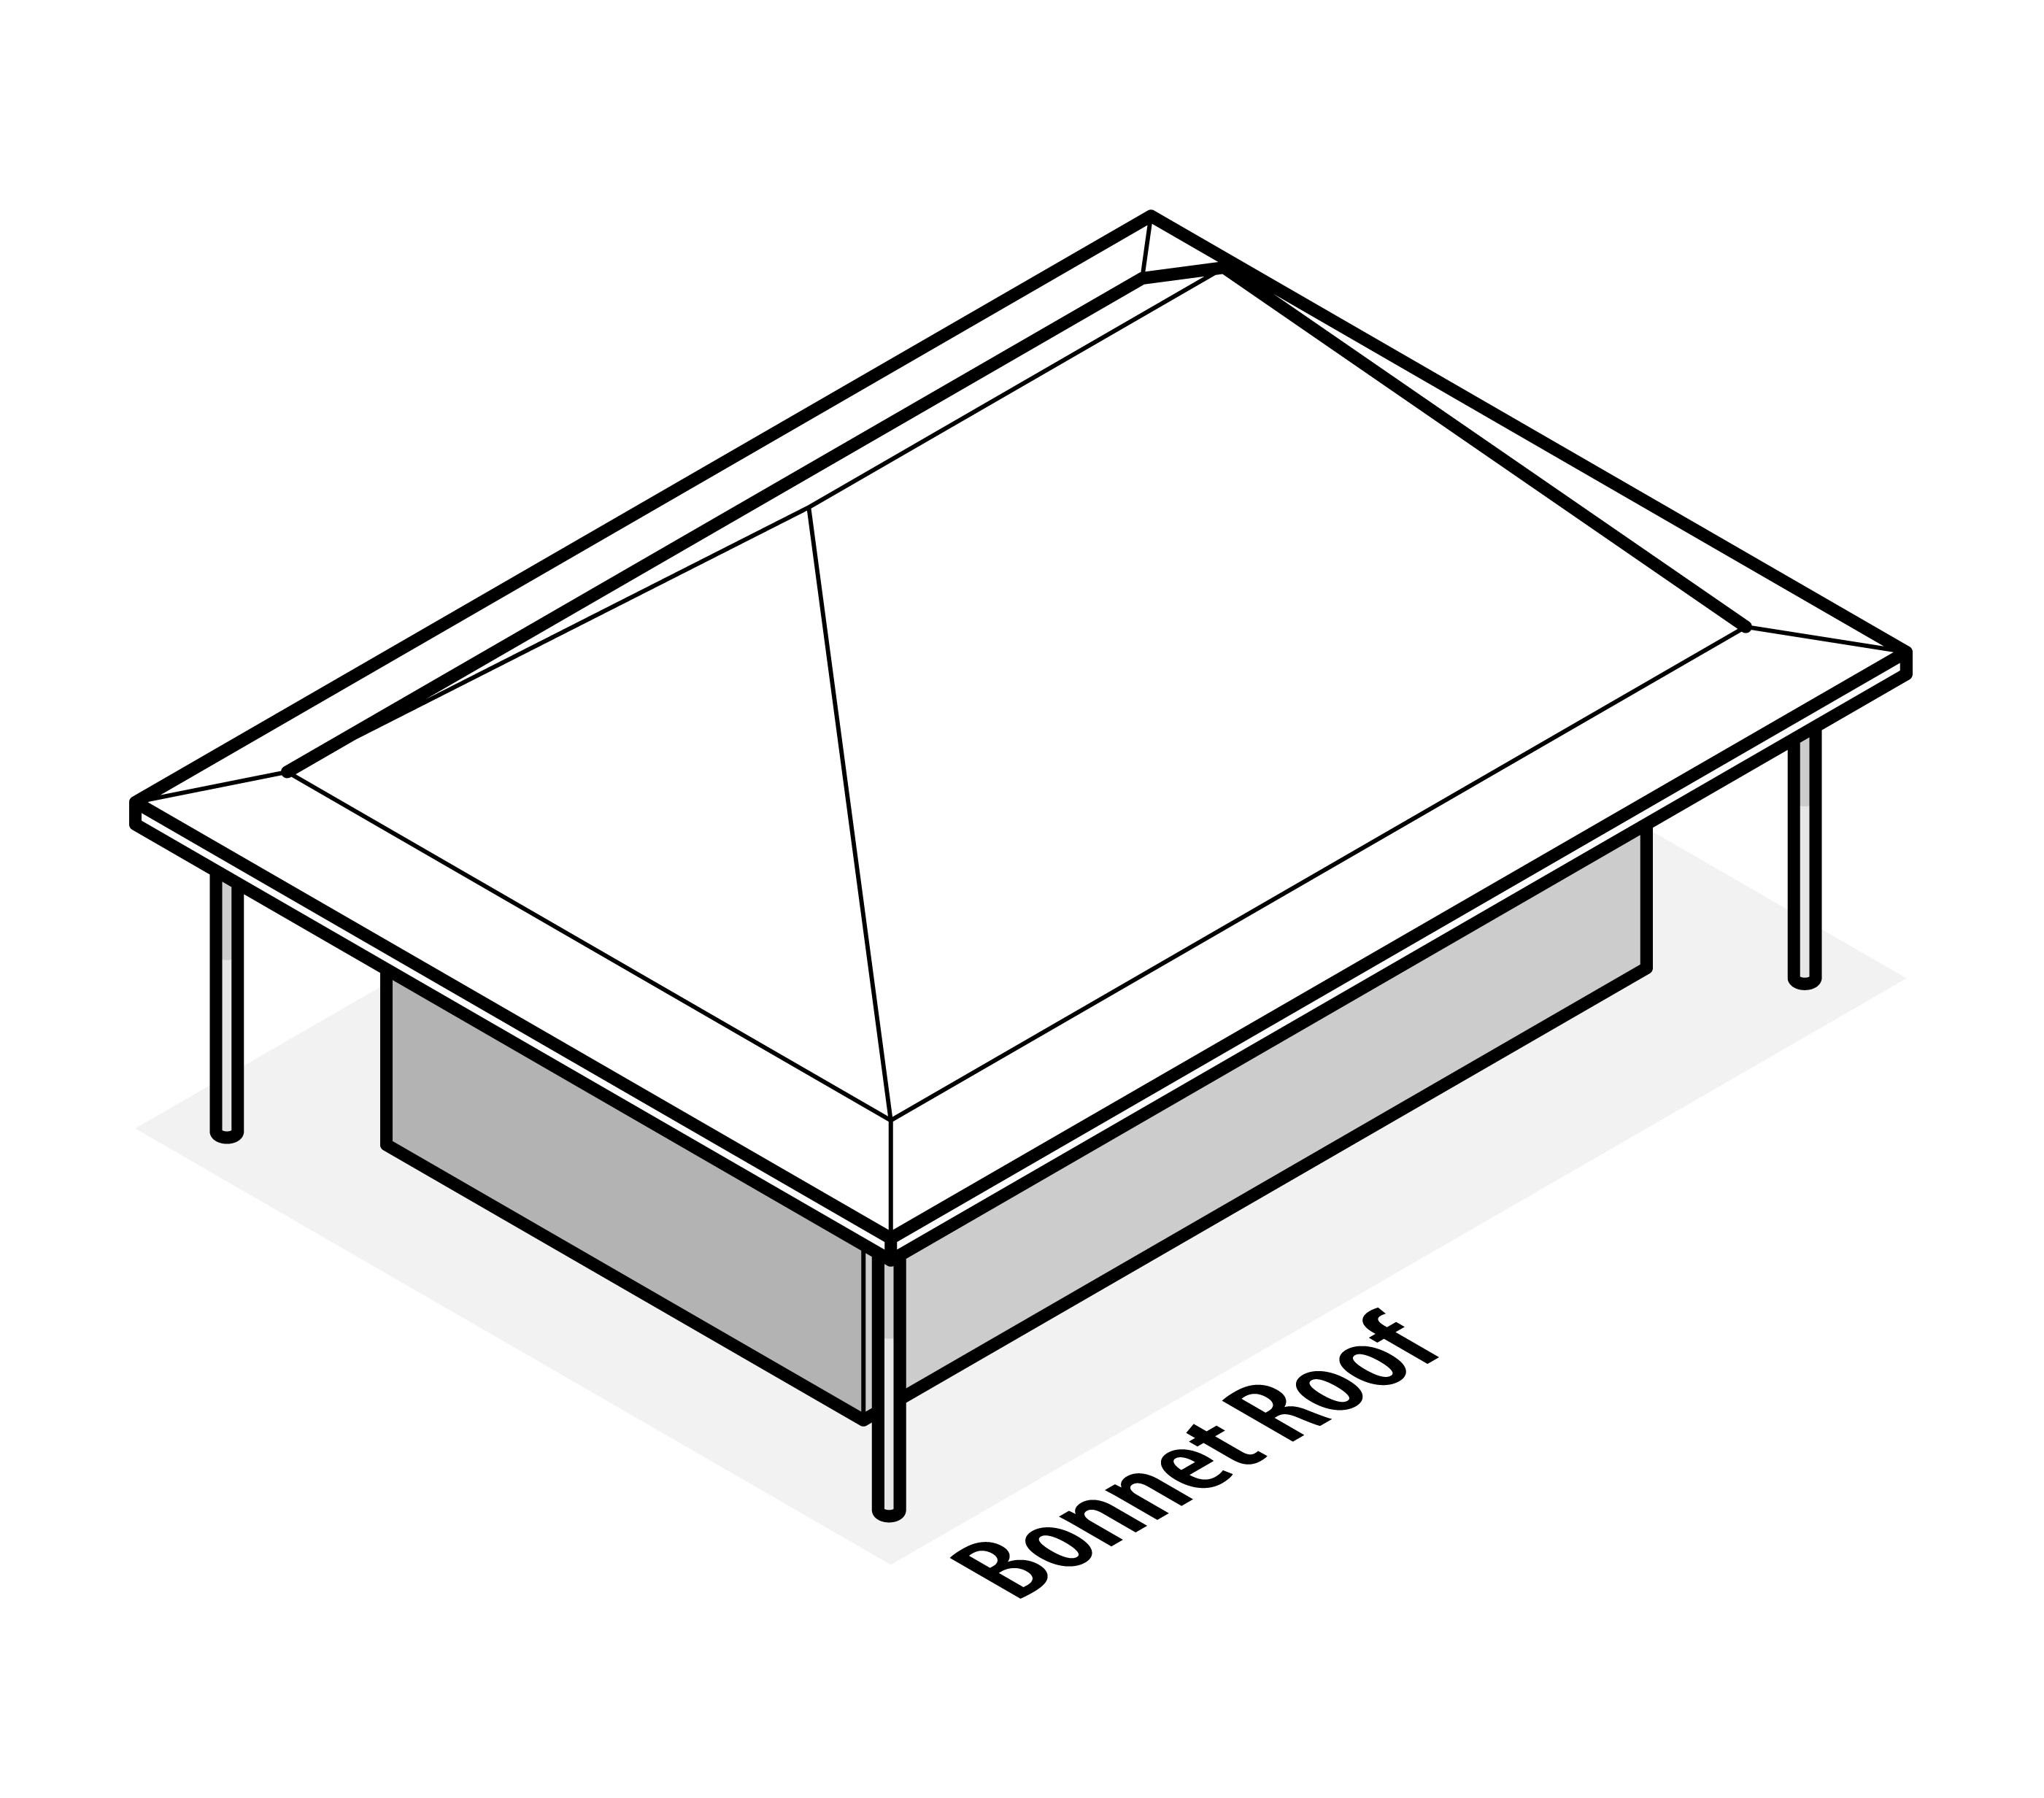 bonnet roof - Roof Line Designs